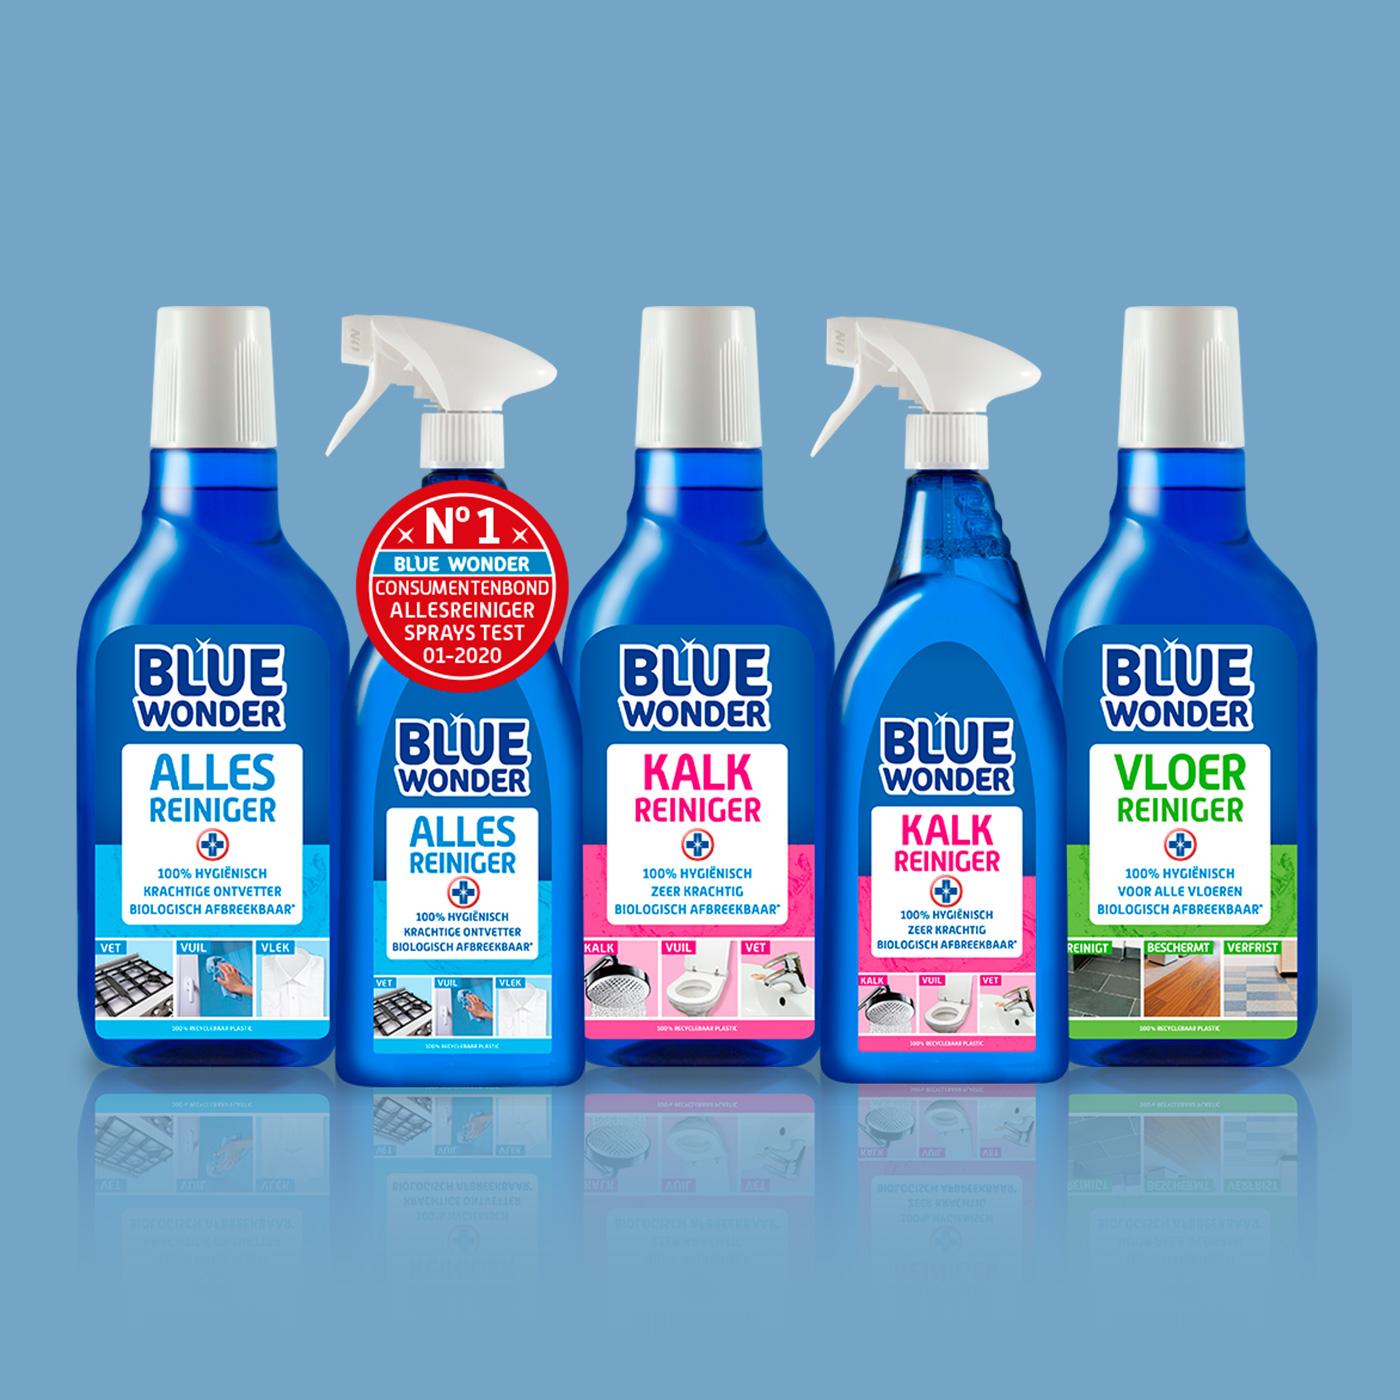 Voor Blue Wonder verzorg ik het ontwerp en de opmaak van alle productlabels, productafbeeldingen en overig promotiemateriaal. Daarnaast ook de vormgeving, bouw en onderhoud van de website.